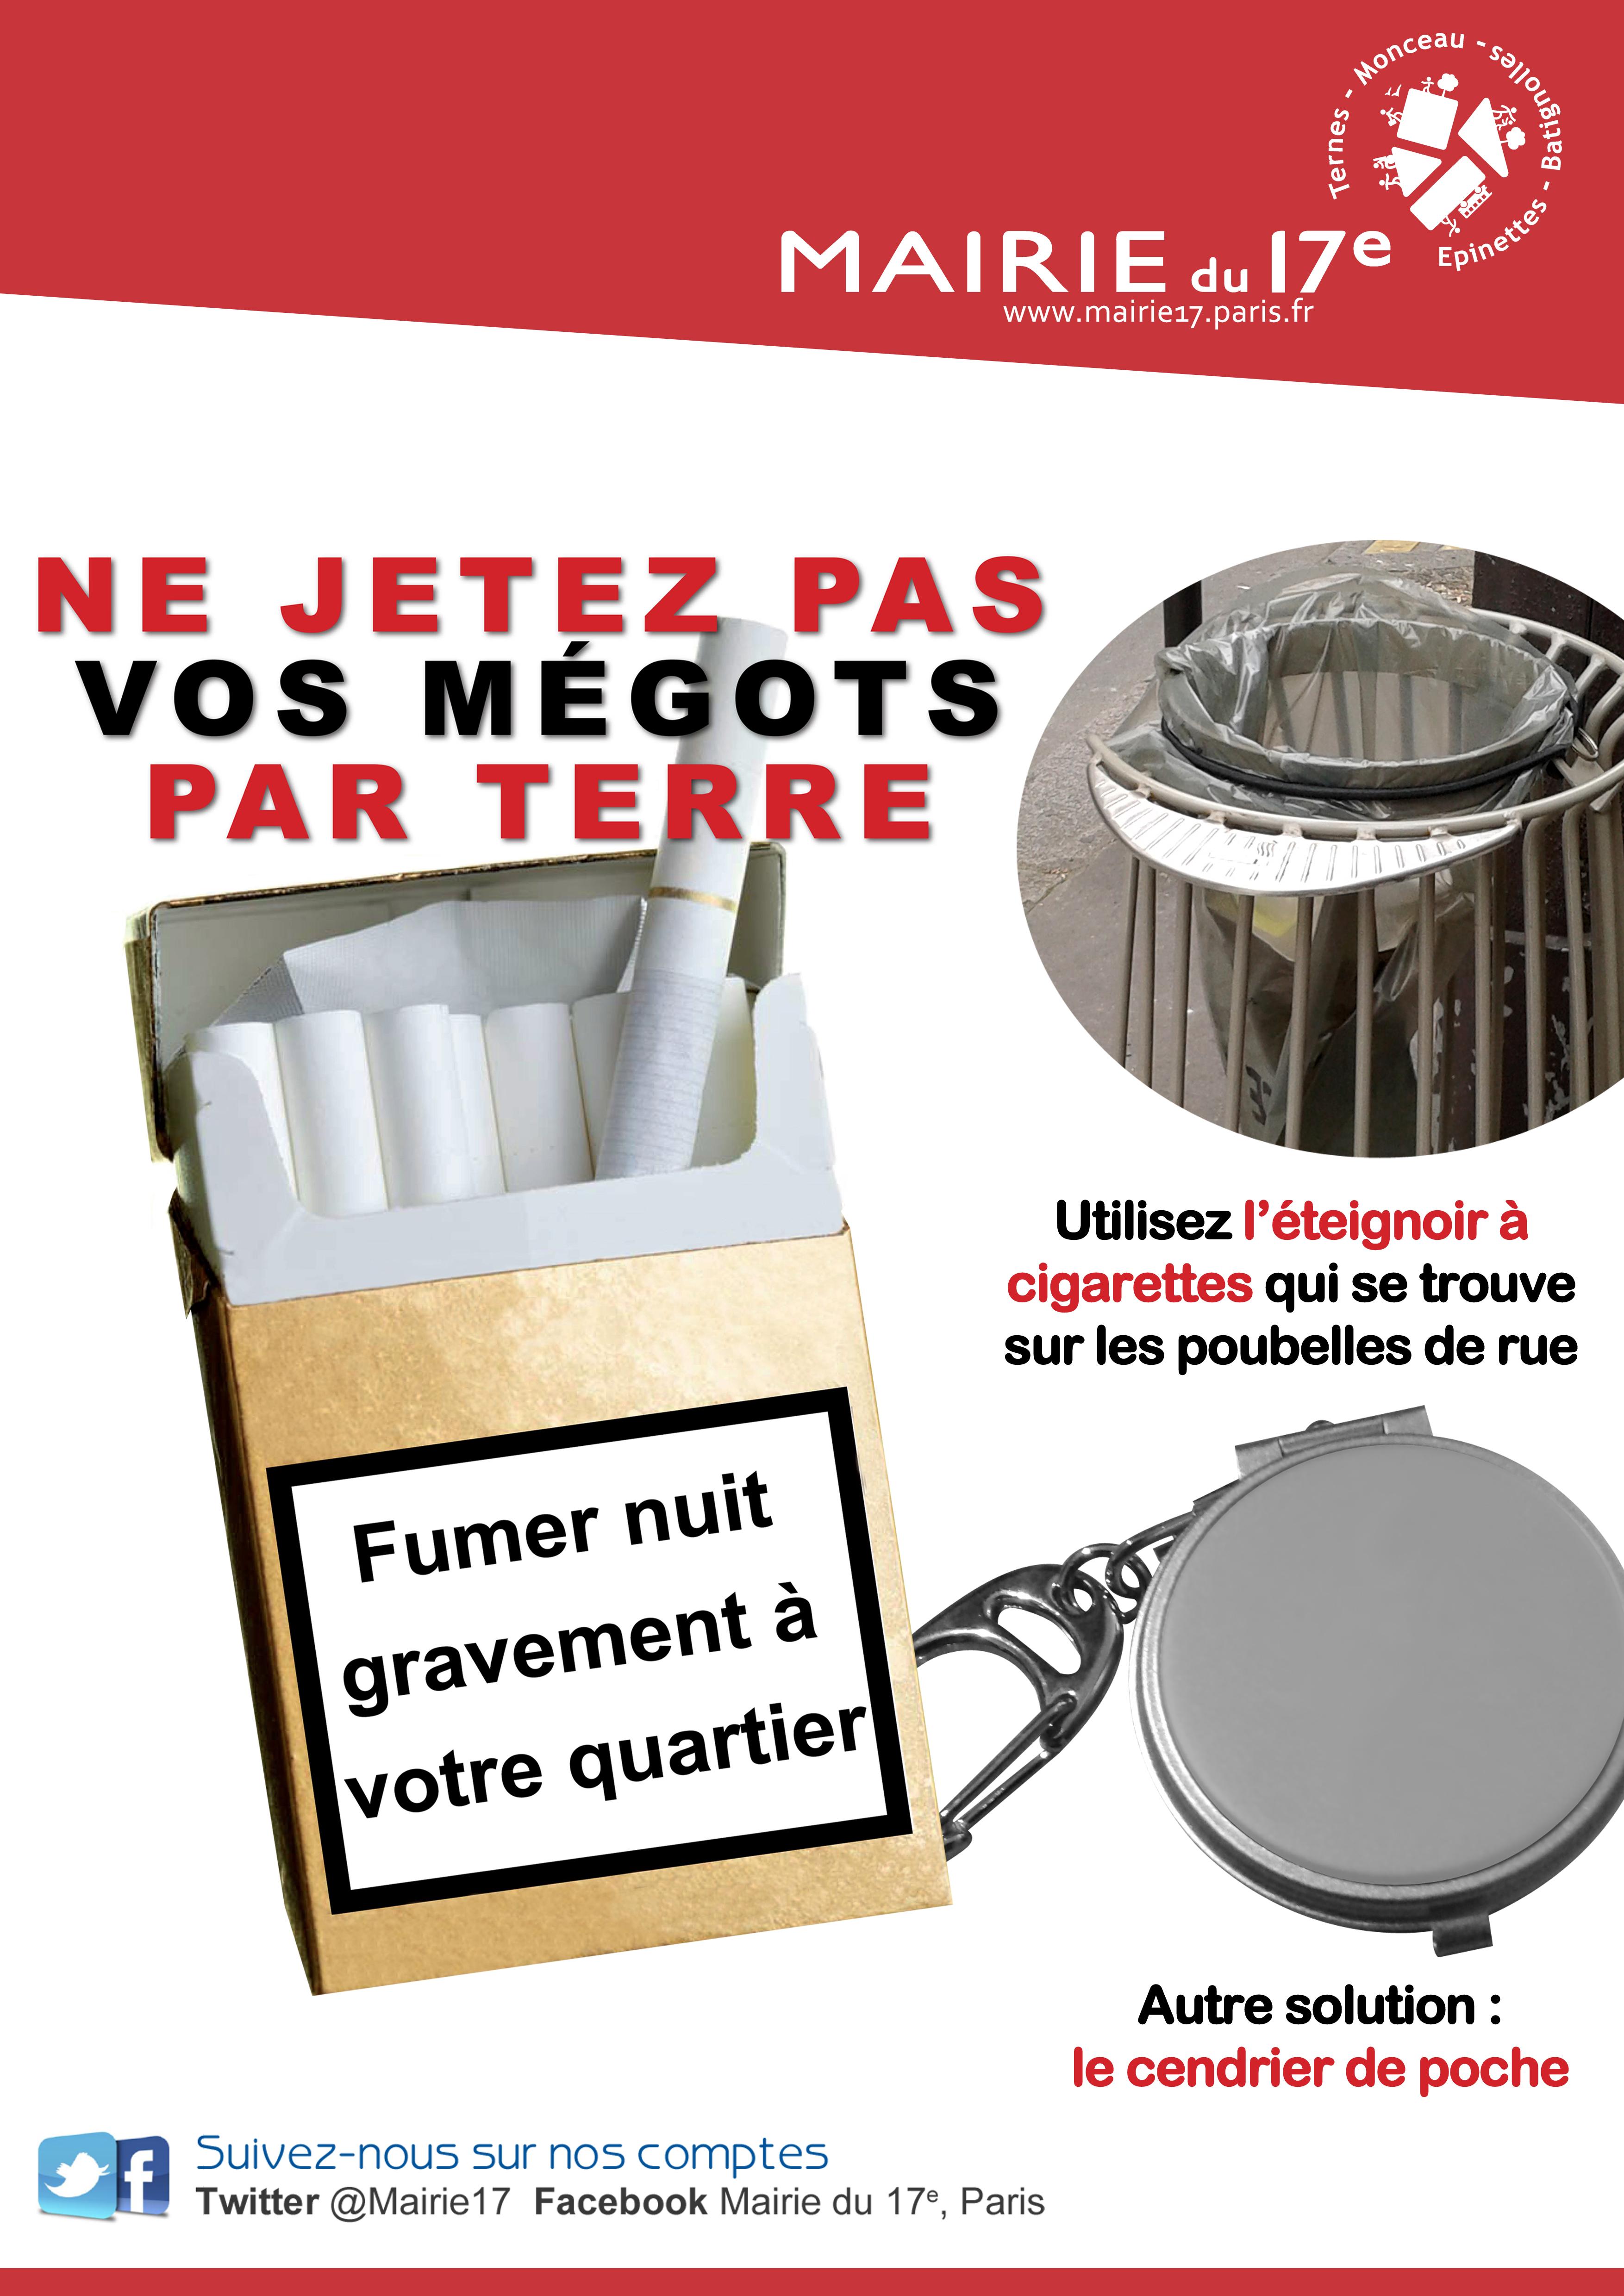 Effets de mauvais fumeur